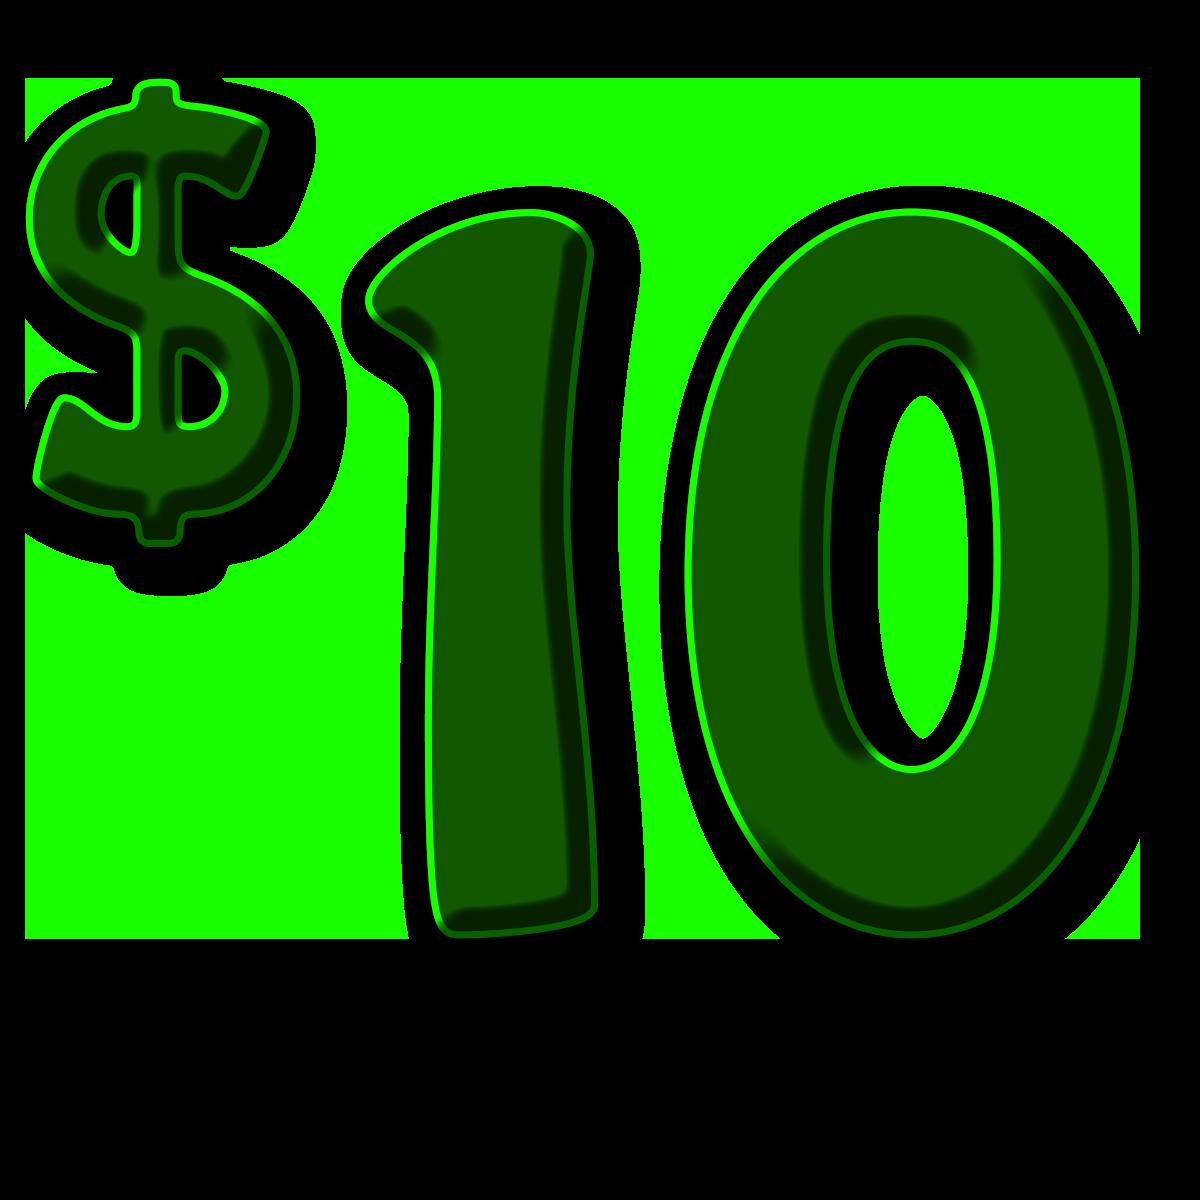 10-trans-contribute